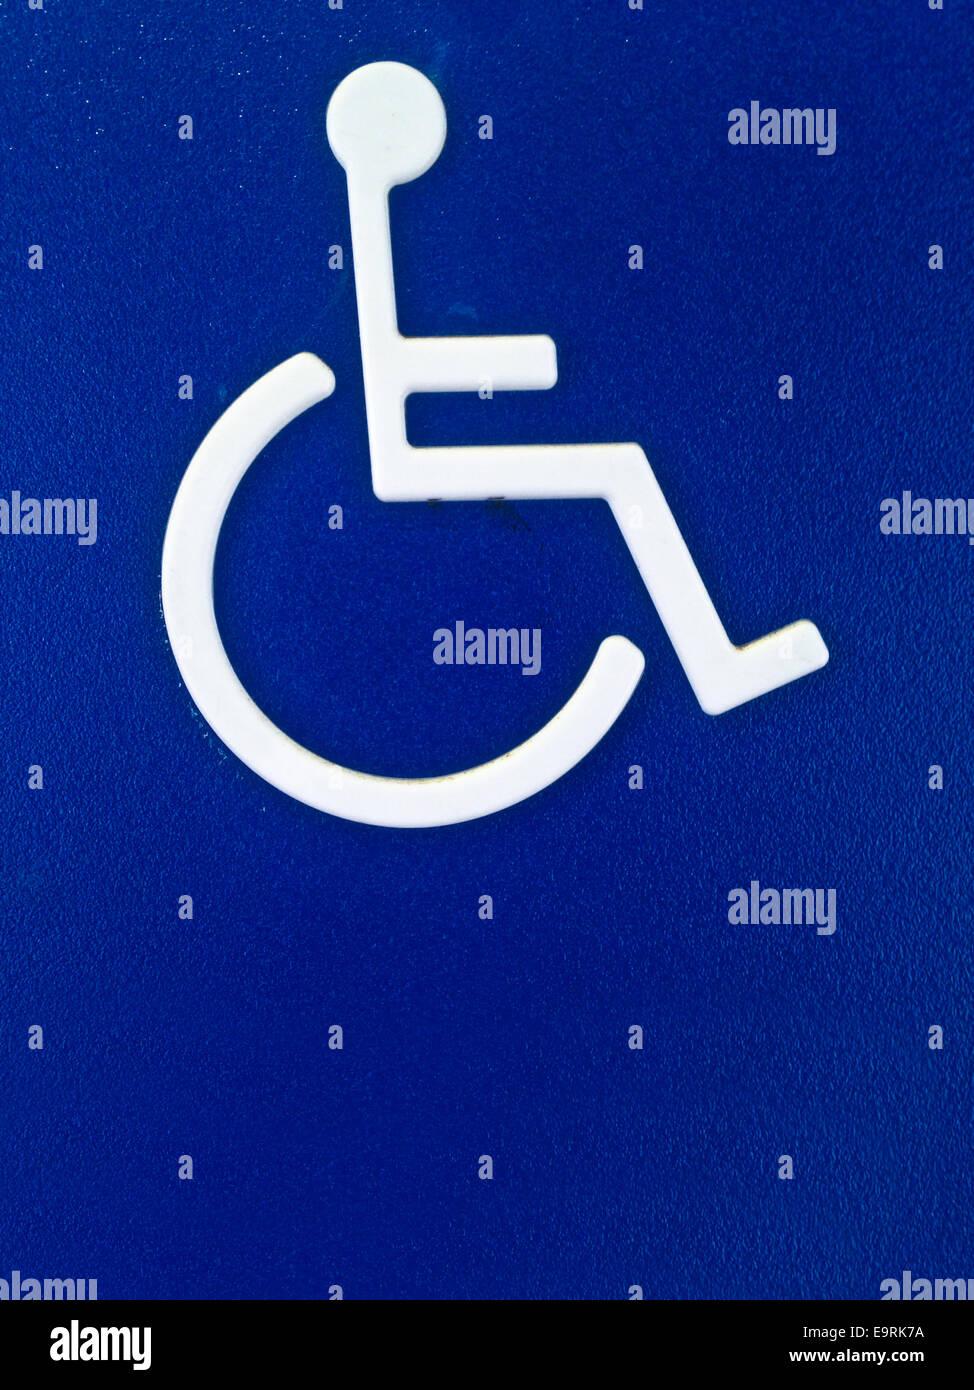 Behinderung Person Symbol auf blauem Blech Stockbild